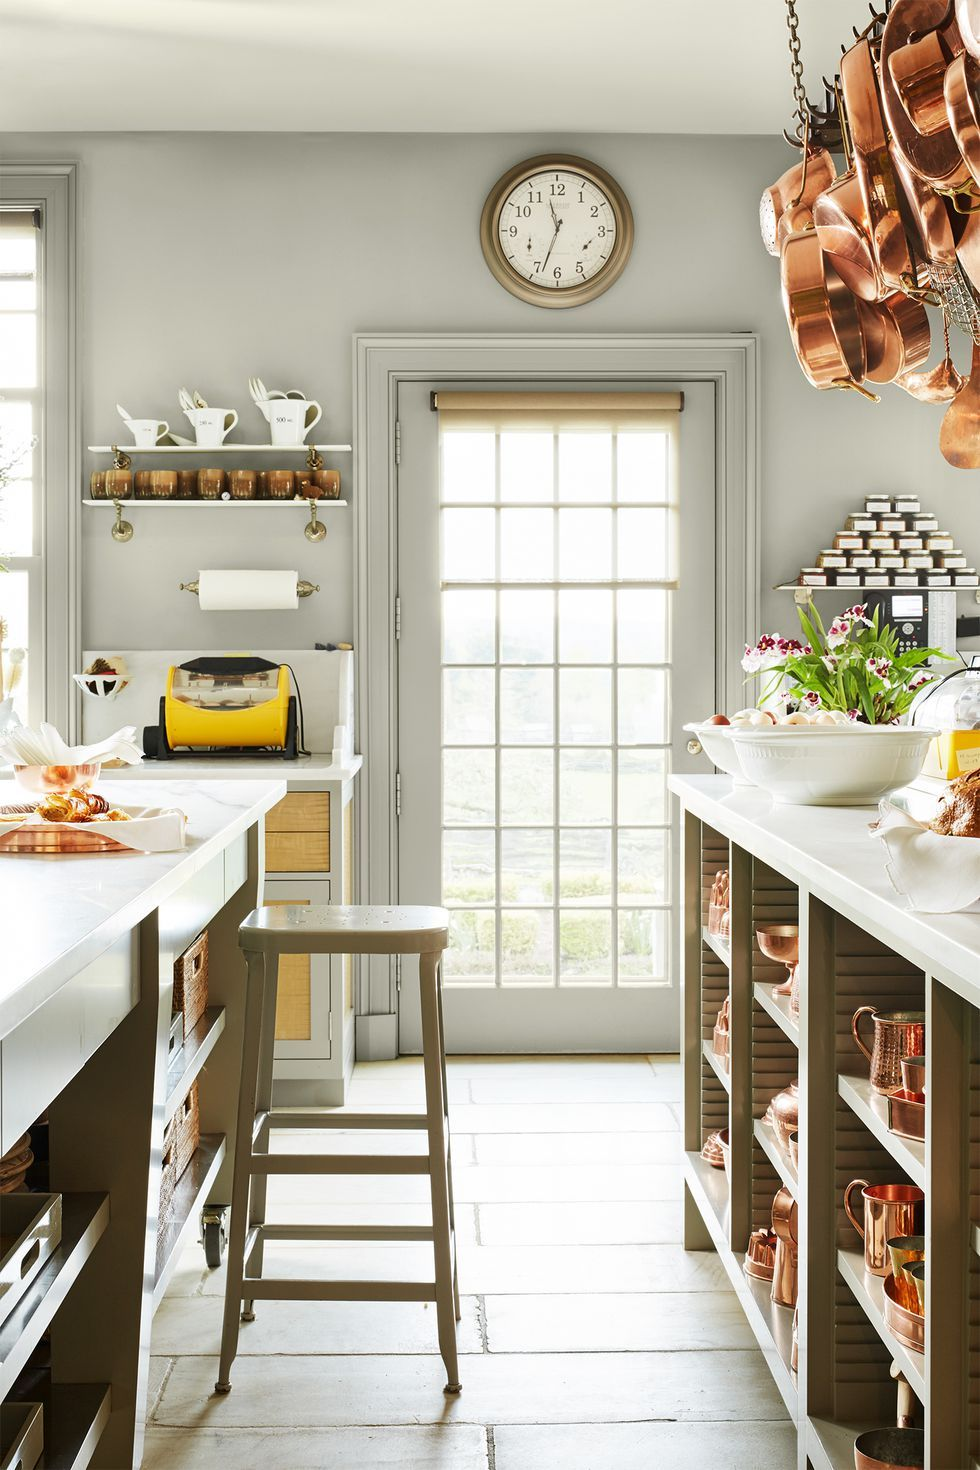 Colour Ideas For Kitchen | 24 Kitchen Color Ideas Best Kitchen Paint Color Schemes